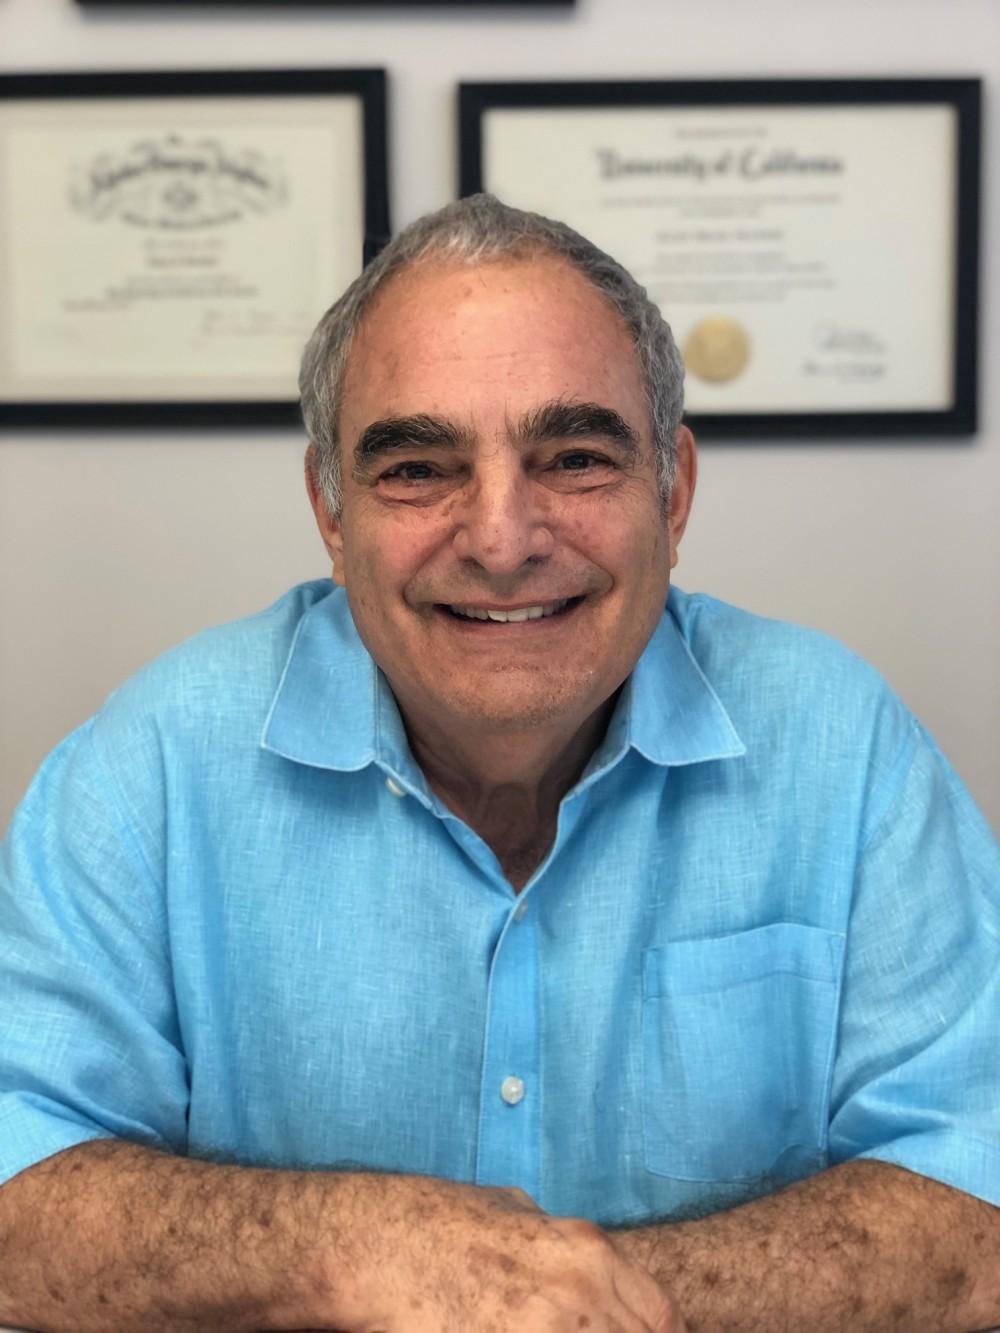 Allan Frankel, MD